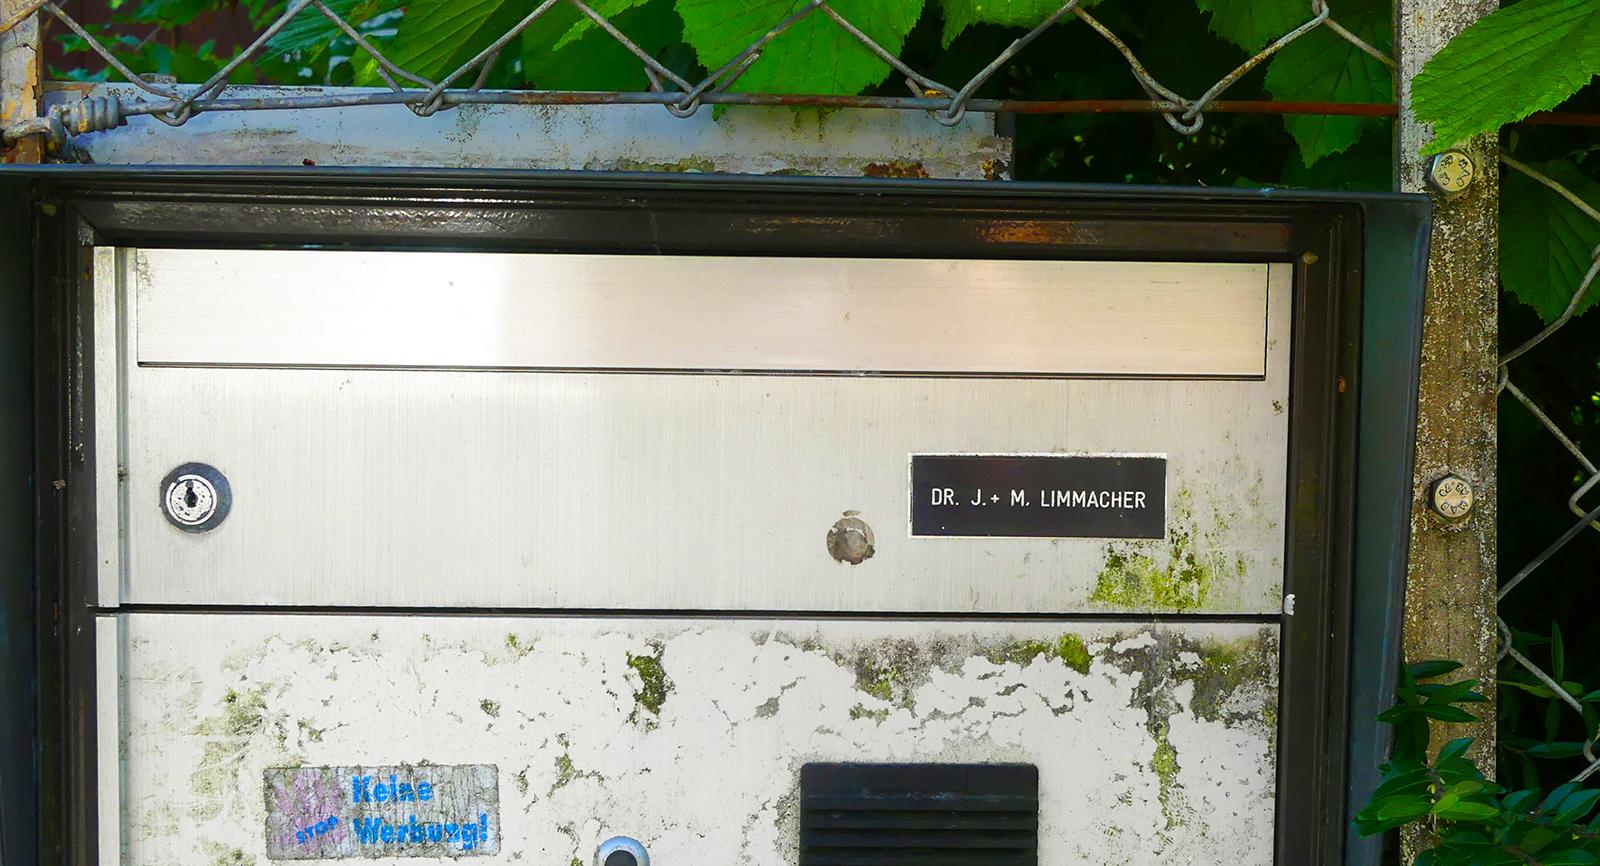 2012 verstarb das Ehepaar Limmacher. Doch der Briefkasten scheint auch heute noch auf Post zu warten.